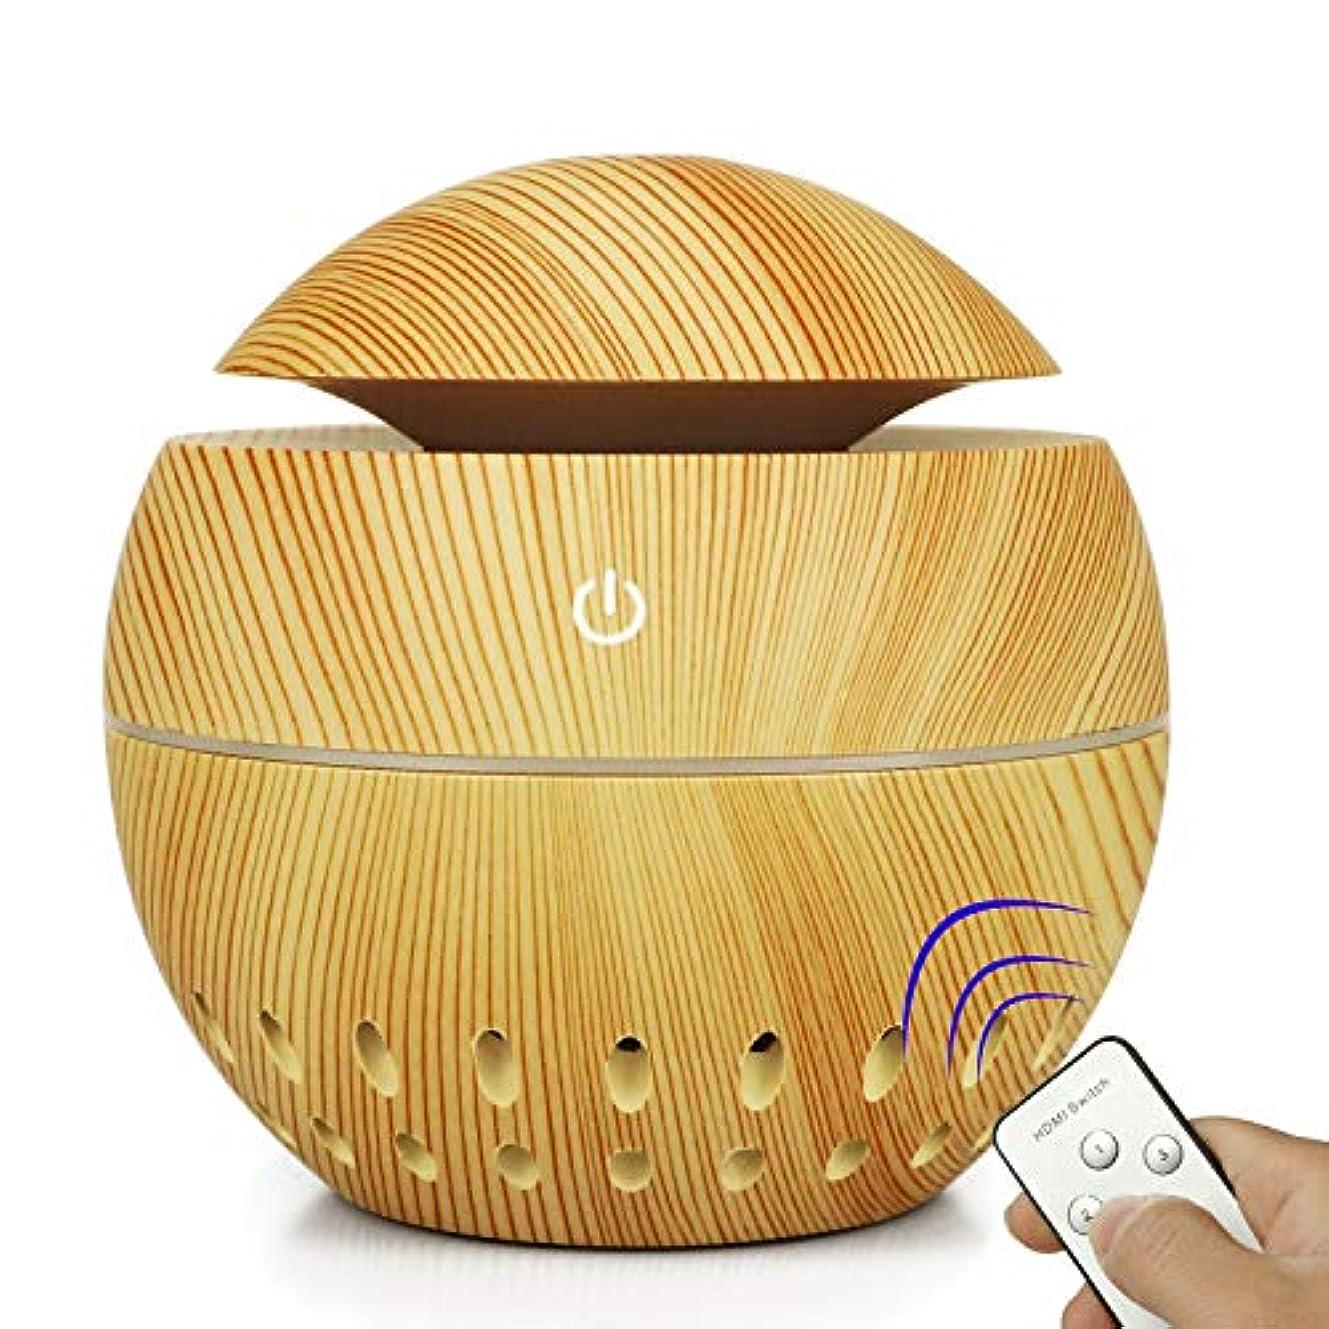 番号魔術ハウジング加湿器USBウッドグレイン中空加湿器きのこ総本店小型家電 (Color : Brass, Size : 100MM*105MM)